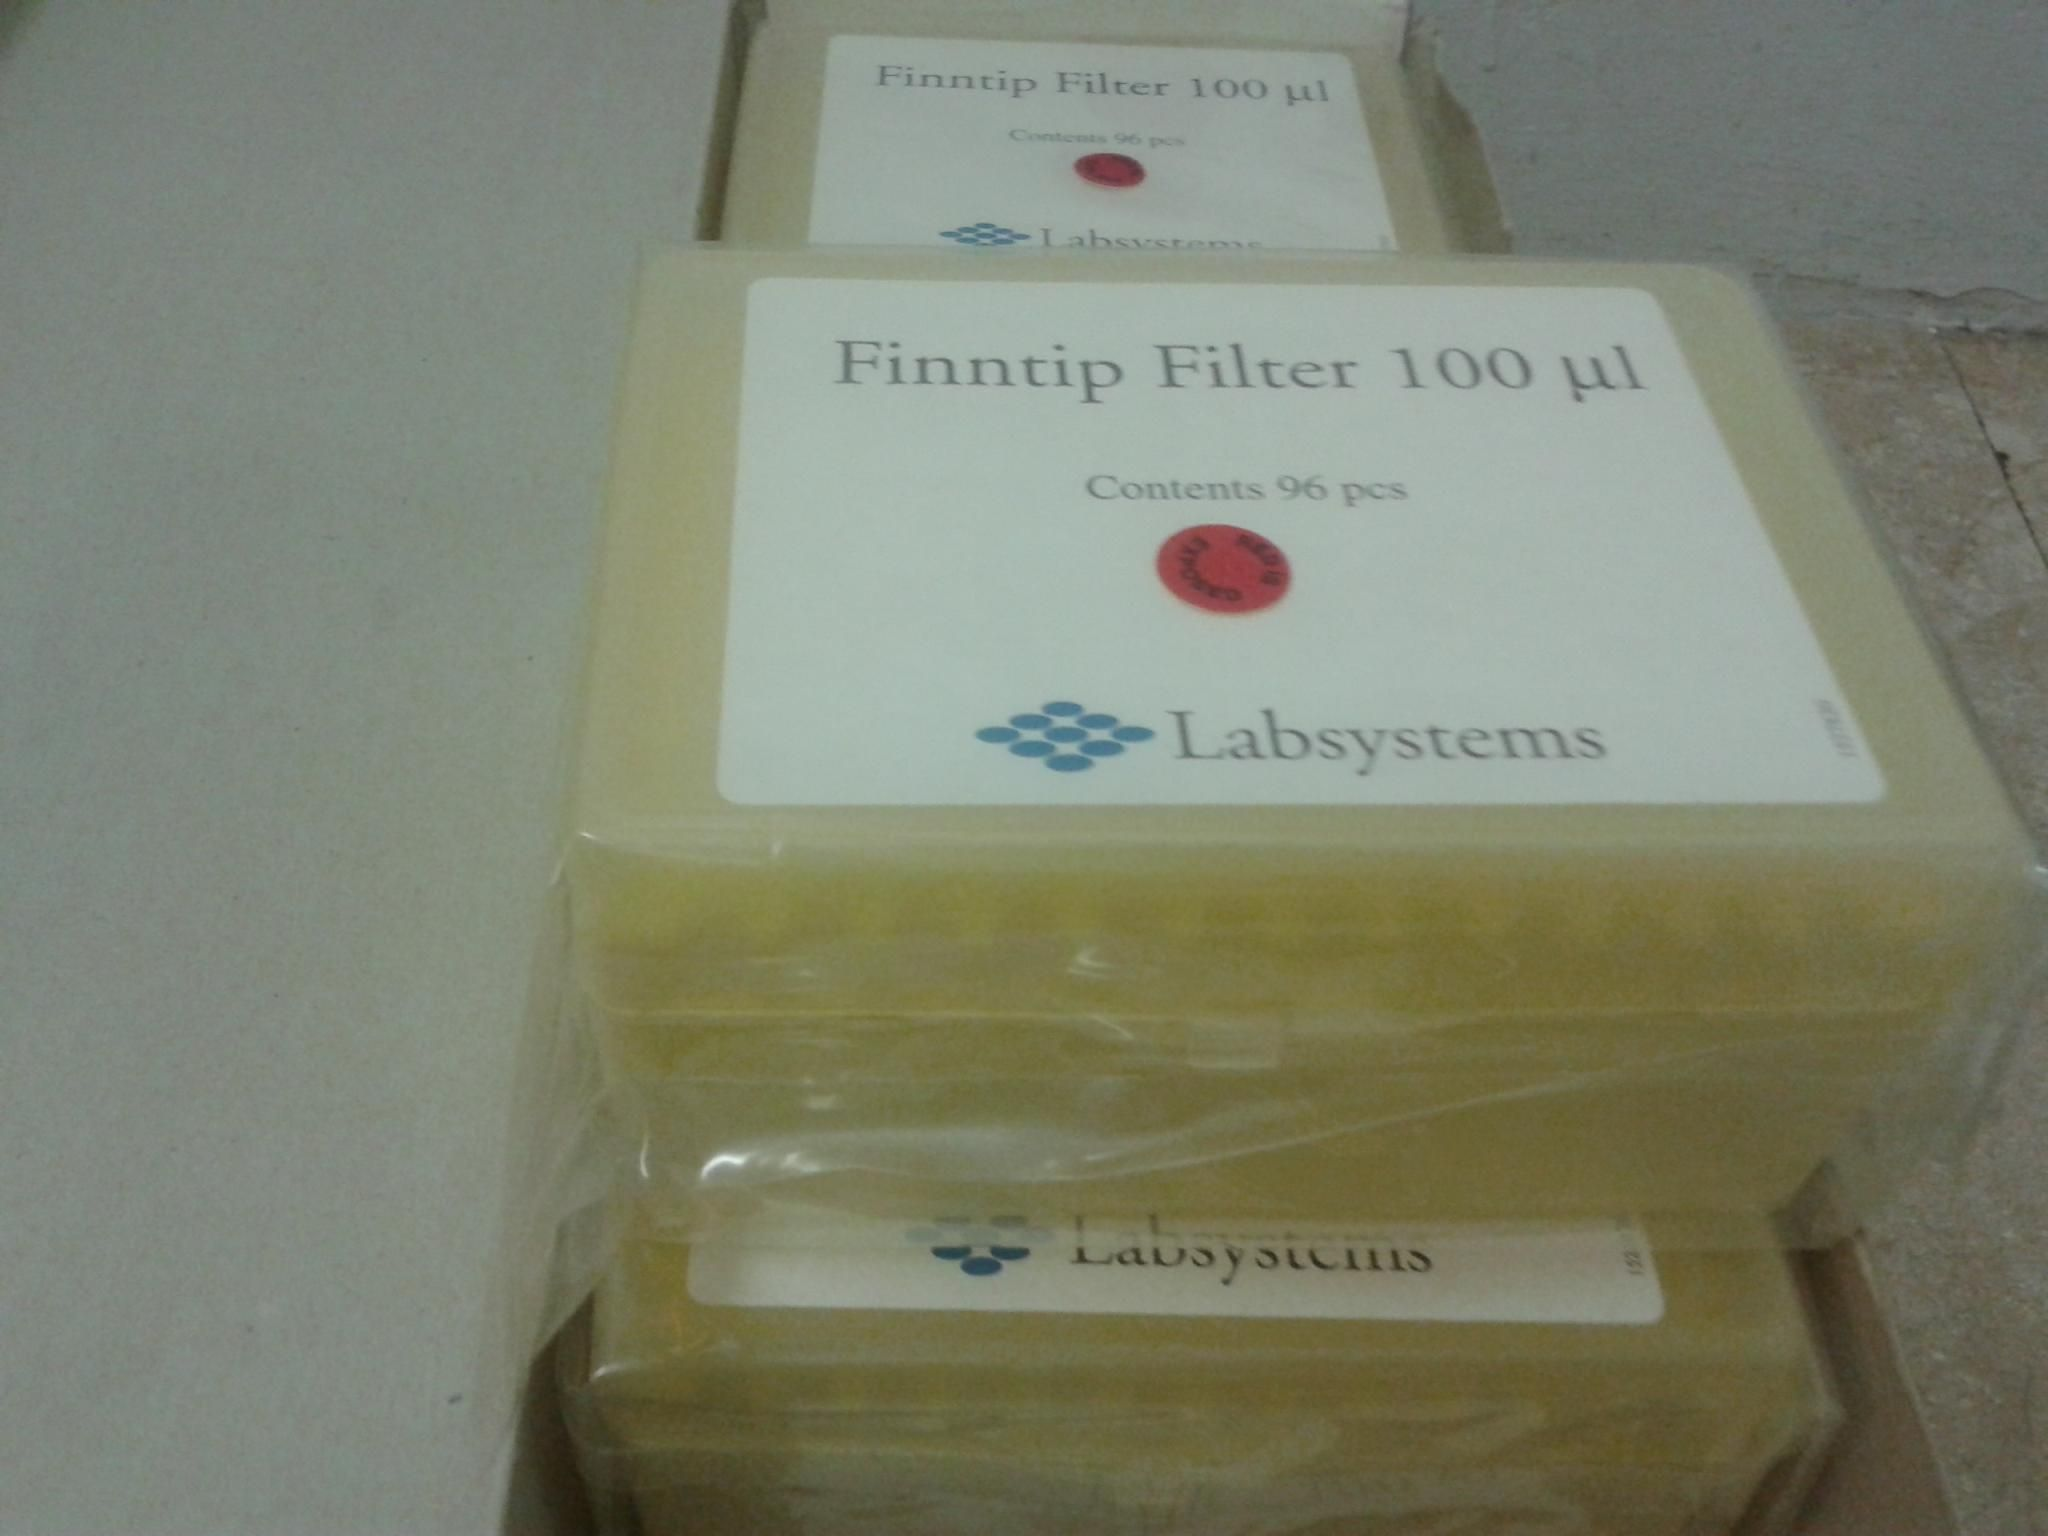 New Finntips Filter 100ul Tips ,96x10 pcs